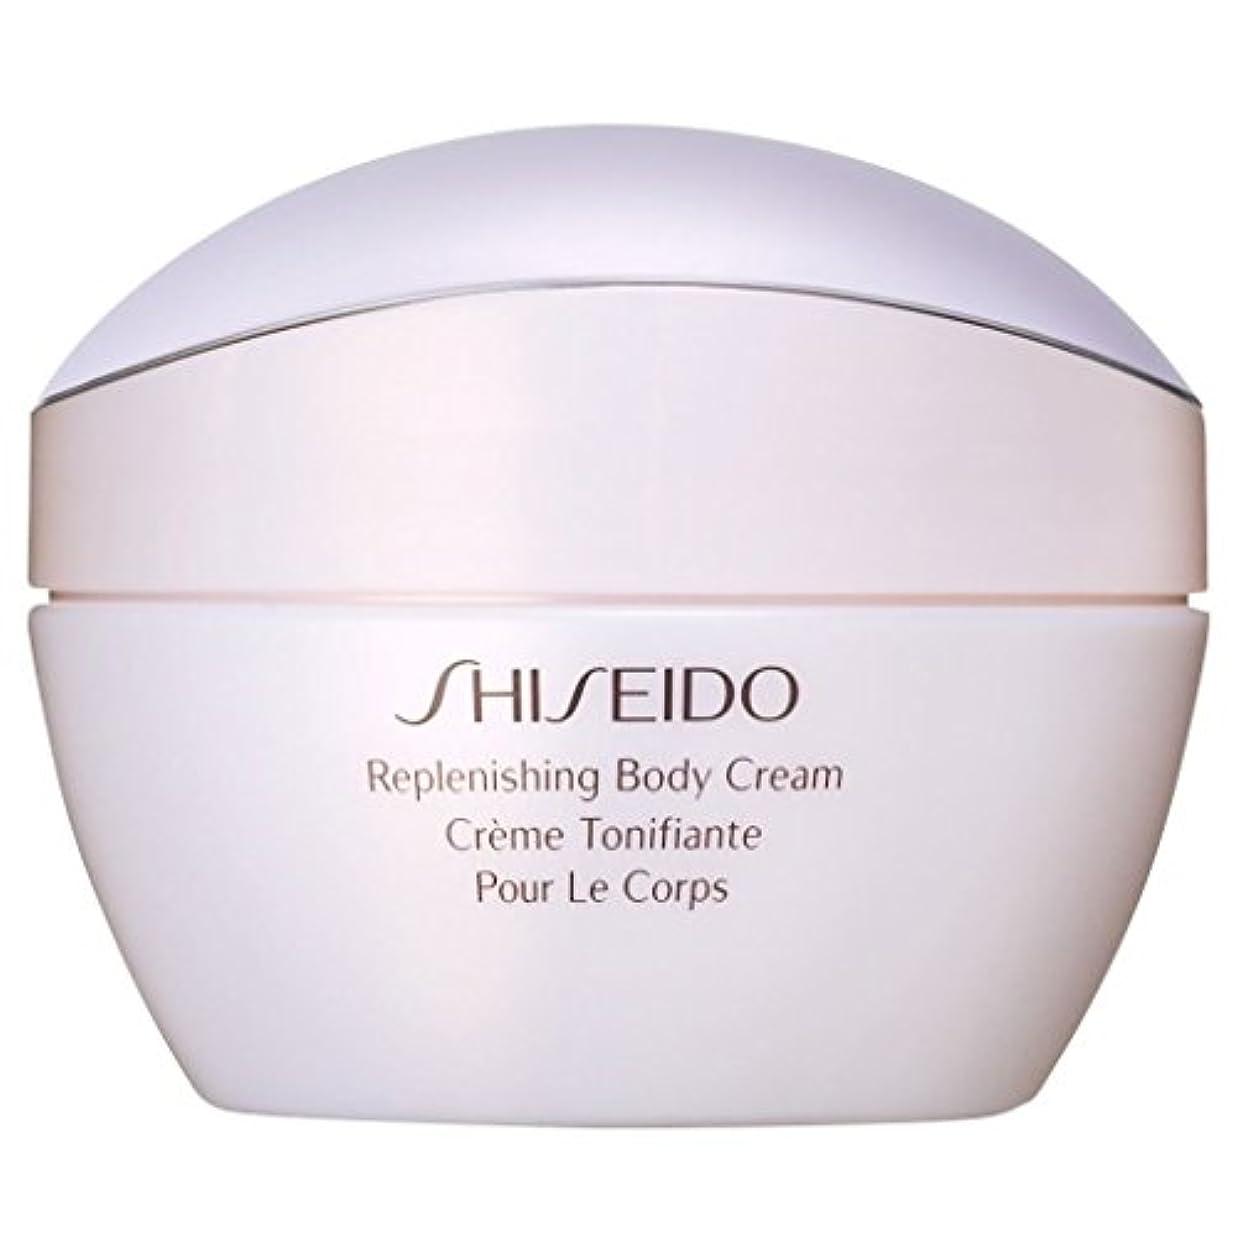 面白いアーサー二層[Shiseido] 資生堂補充ボディクリーム200ミリリットル - Shiseido Replenishing Body Cream 200ml [並行輸入品]